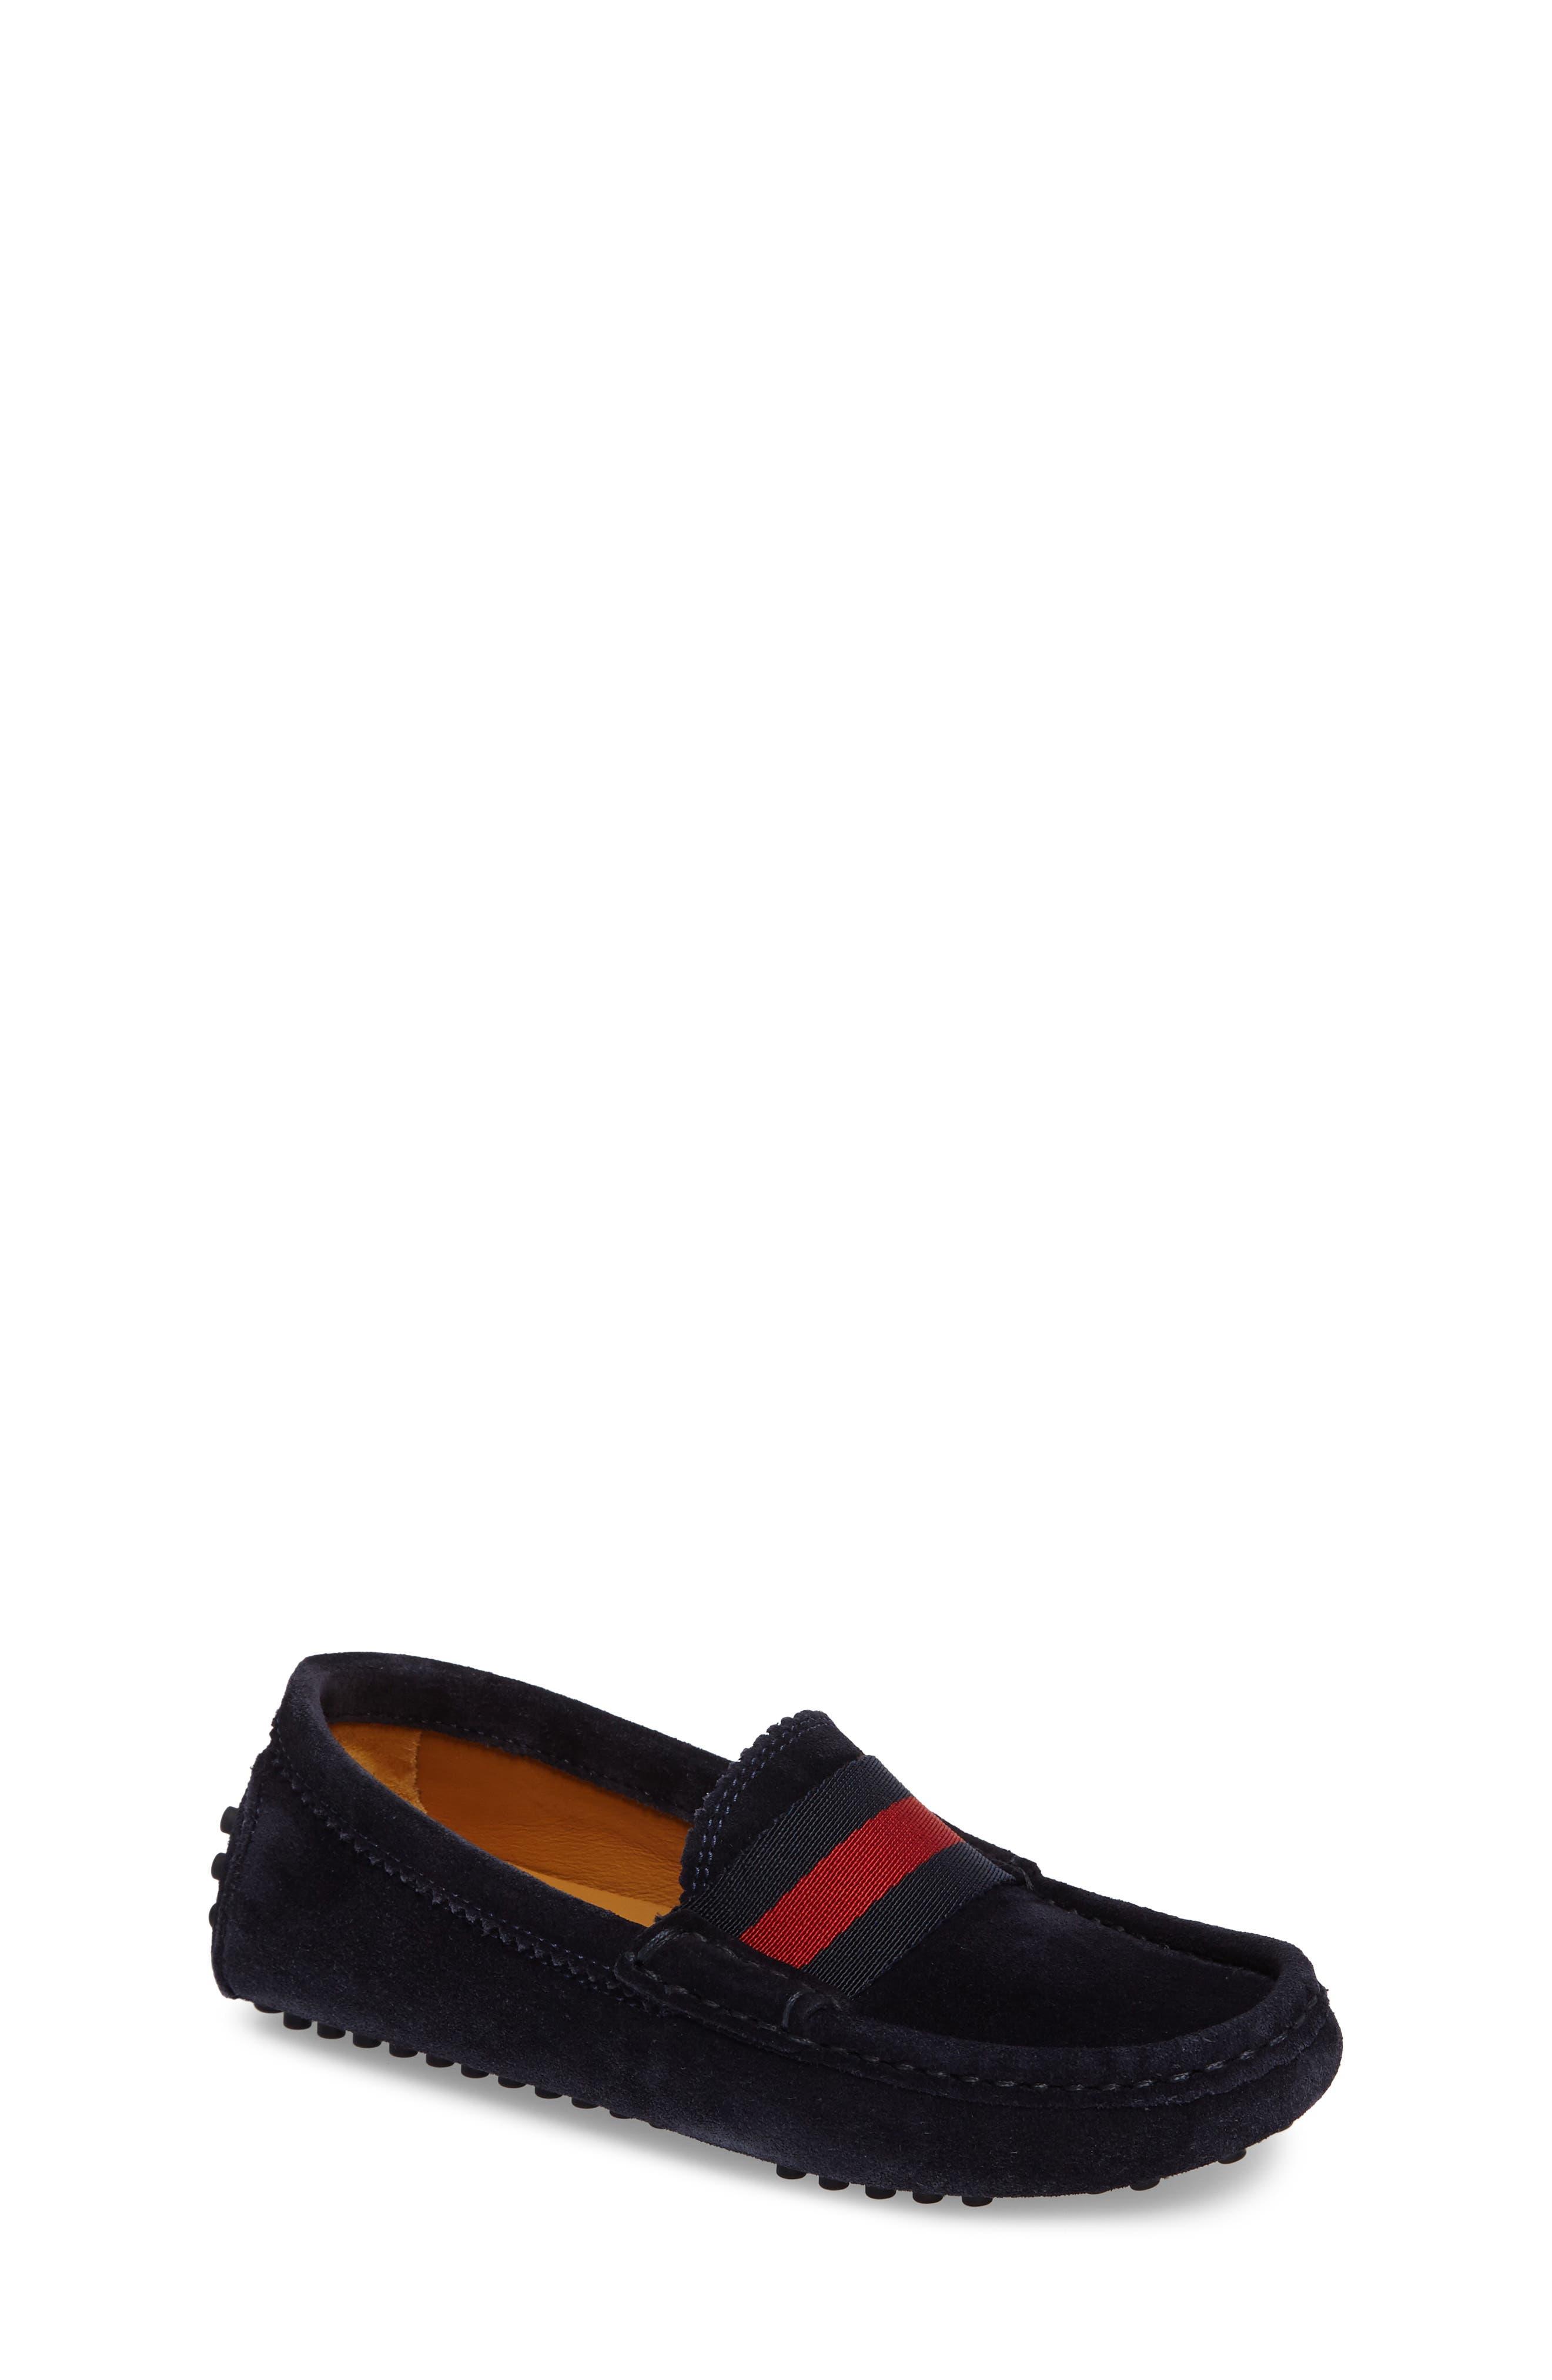 Dandy Junior Driving Shoe,                         Main,                         color, 400